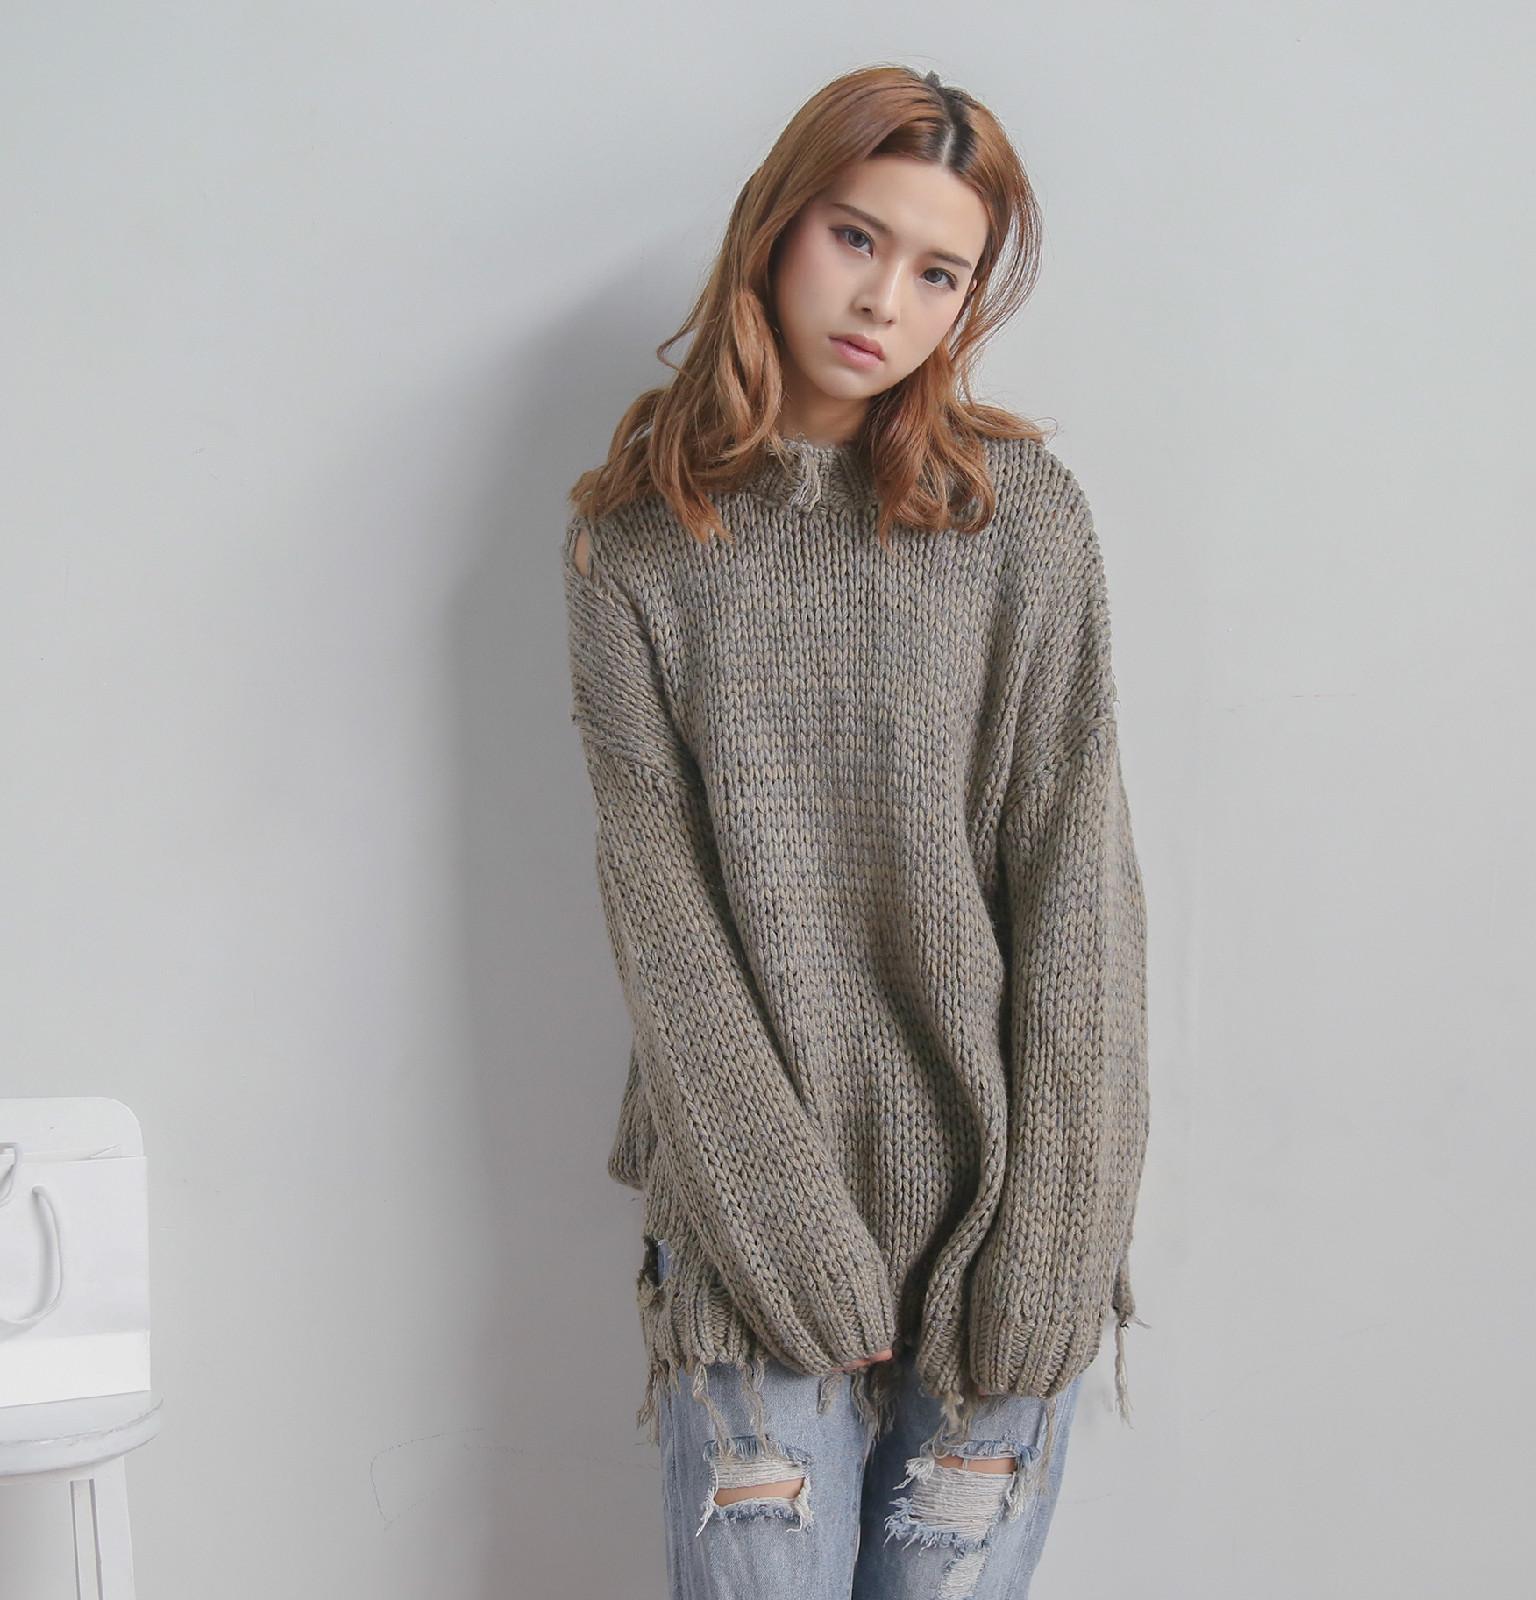 2017春服のヴィンテージ加工のゆったりする穴はおじけづきます辺のニットの基礎を作る毛糸のセーター